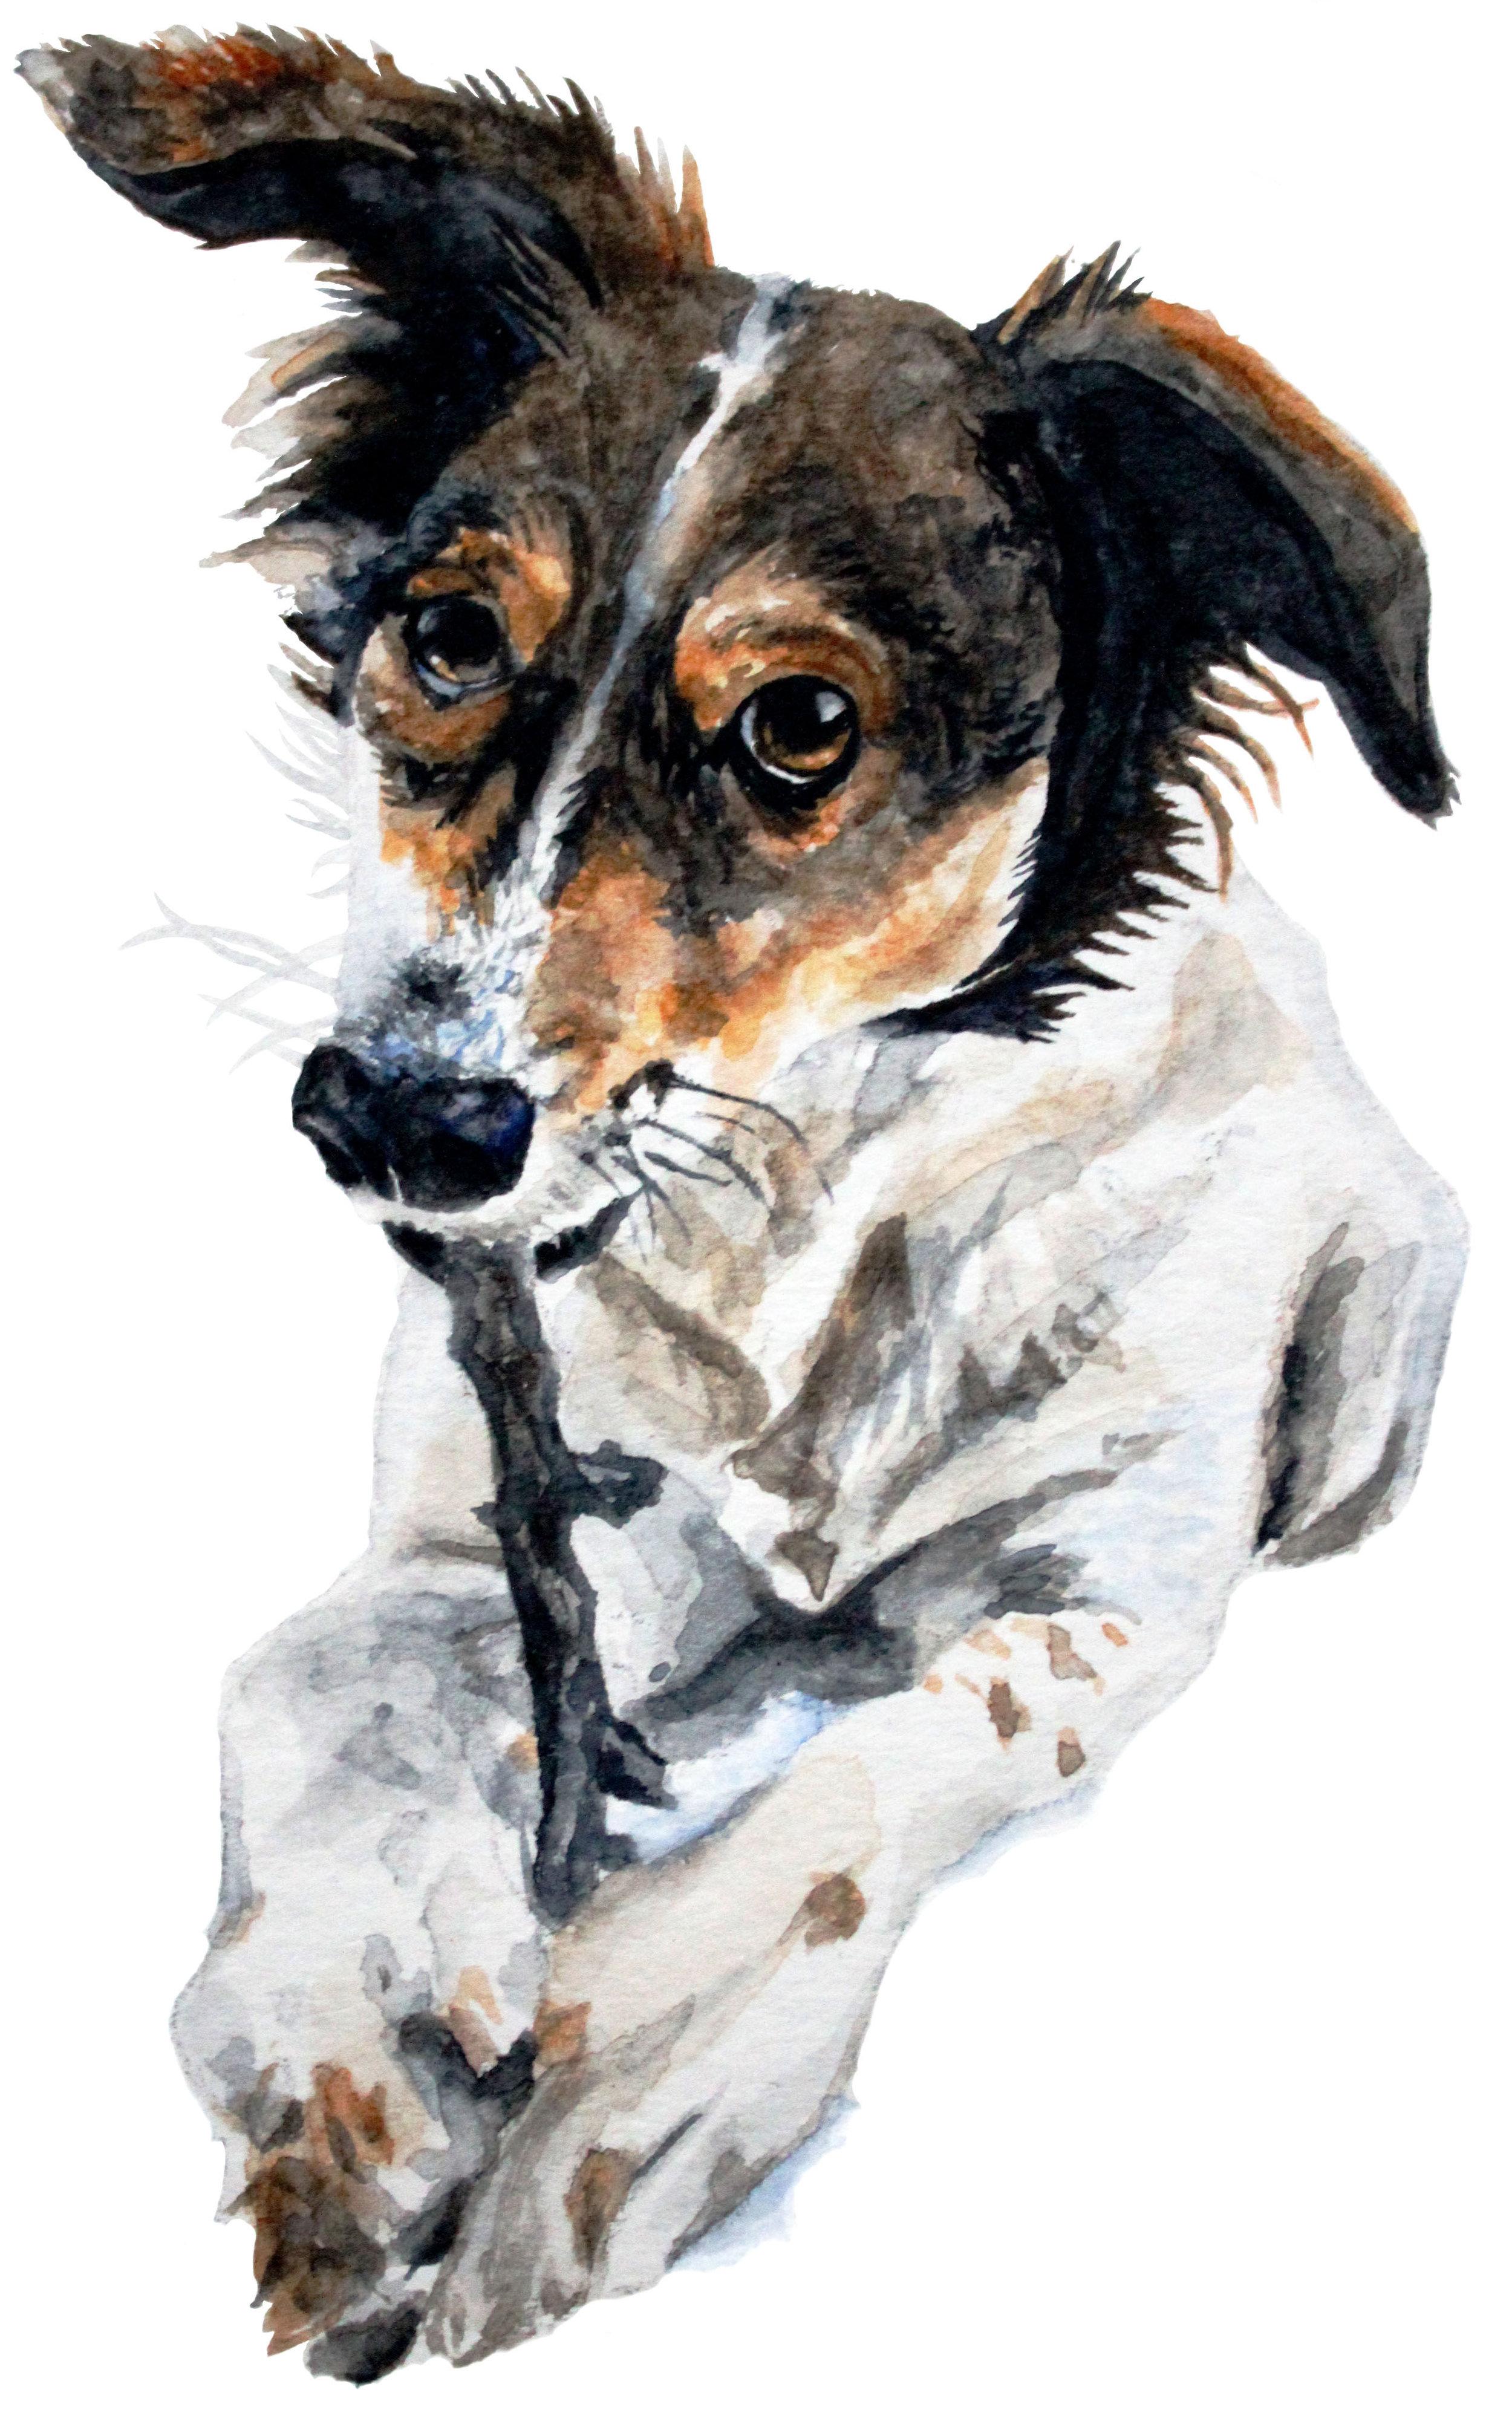 Meghan_Weir_megcutspaper_Rescue_Dog_Riley.jpg